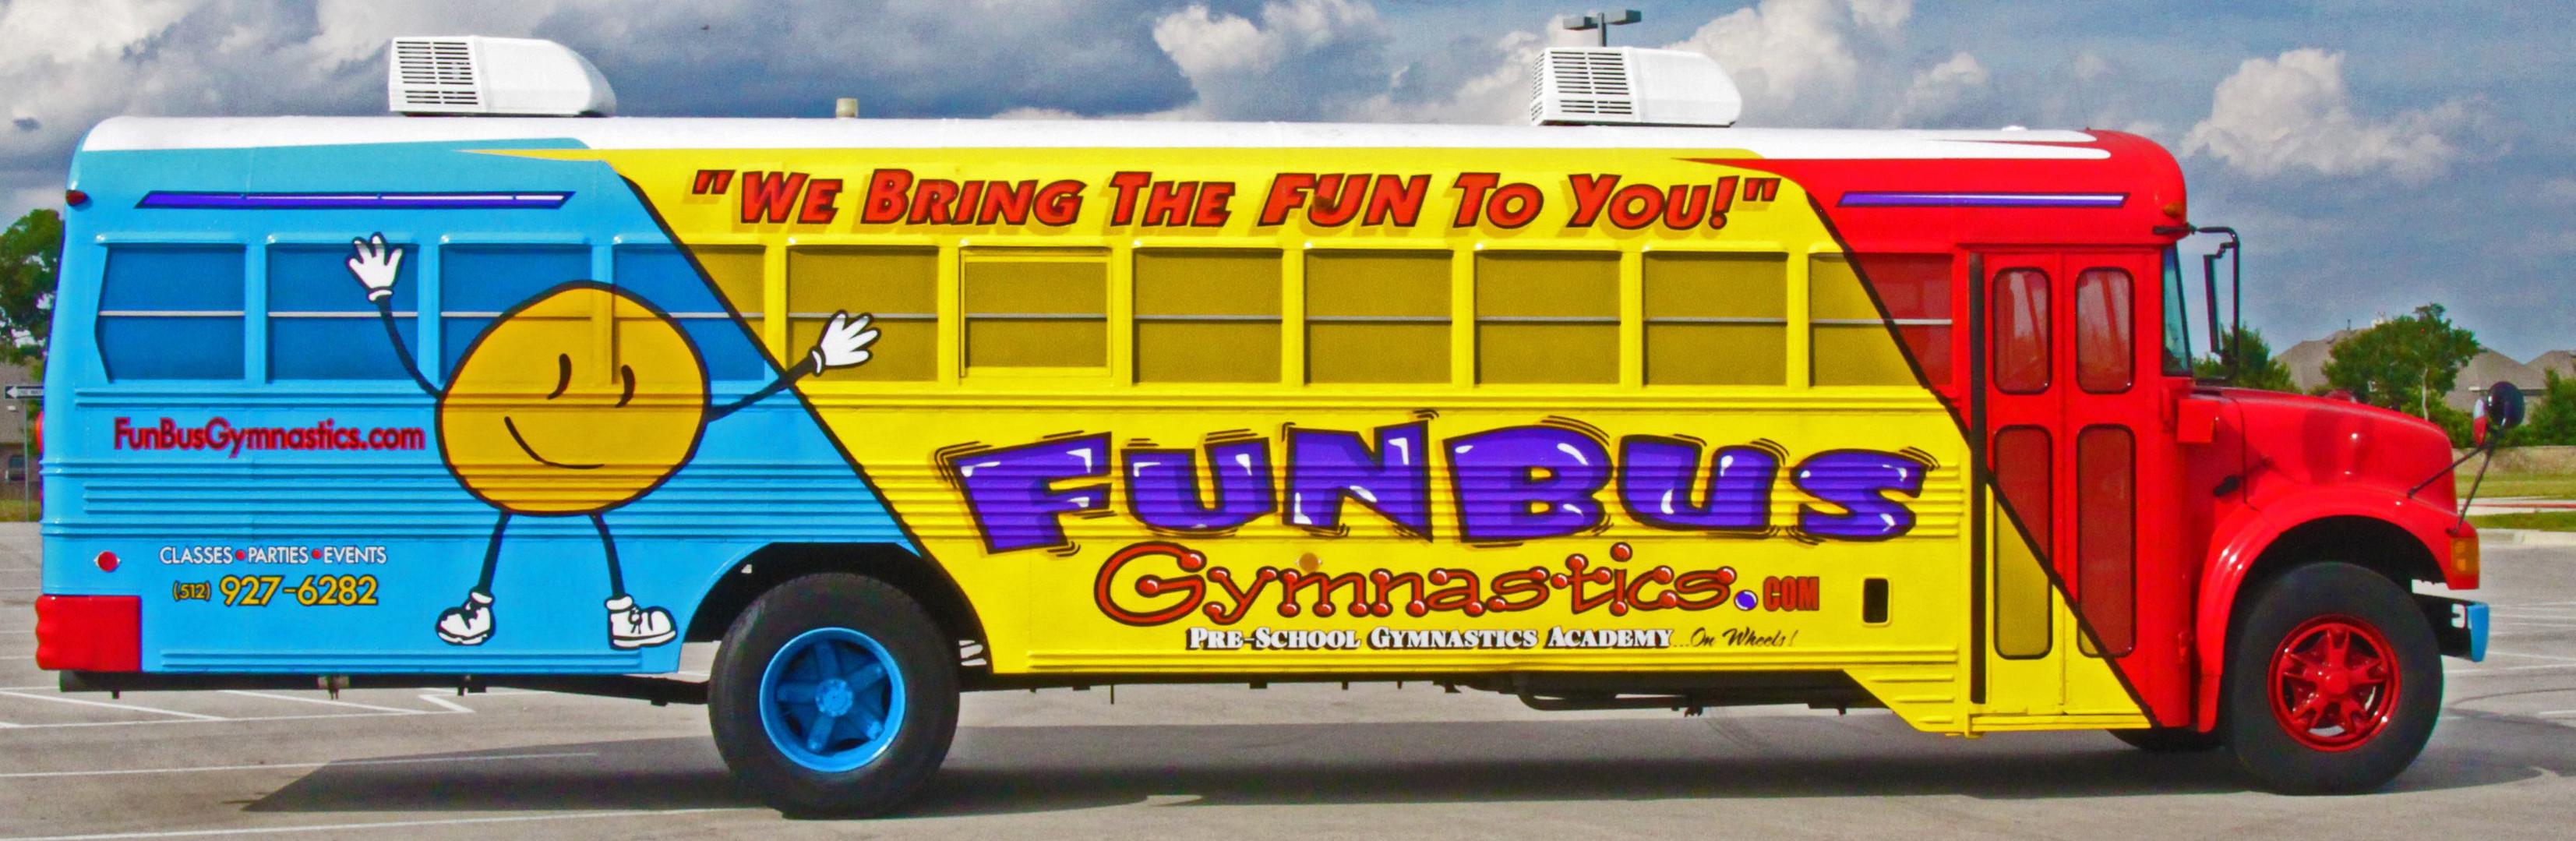 bus pic fun.jpg